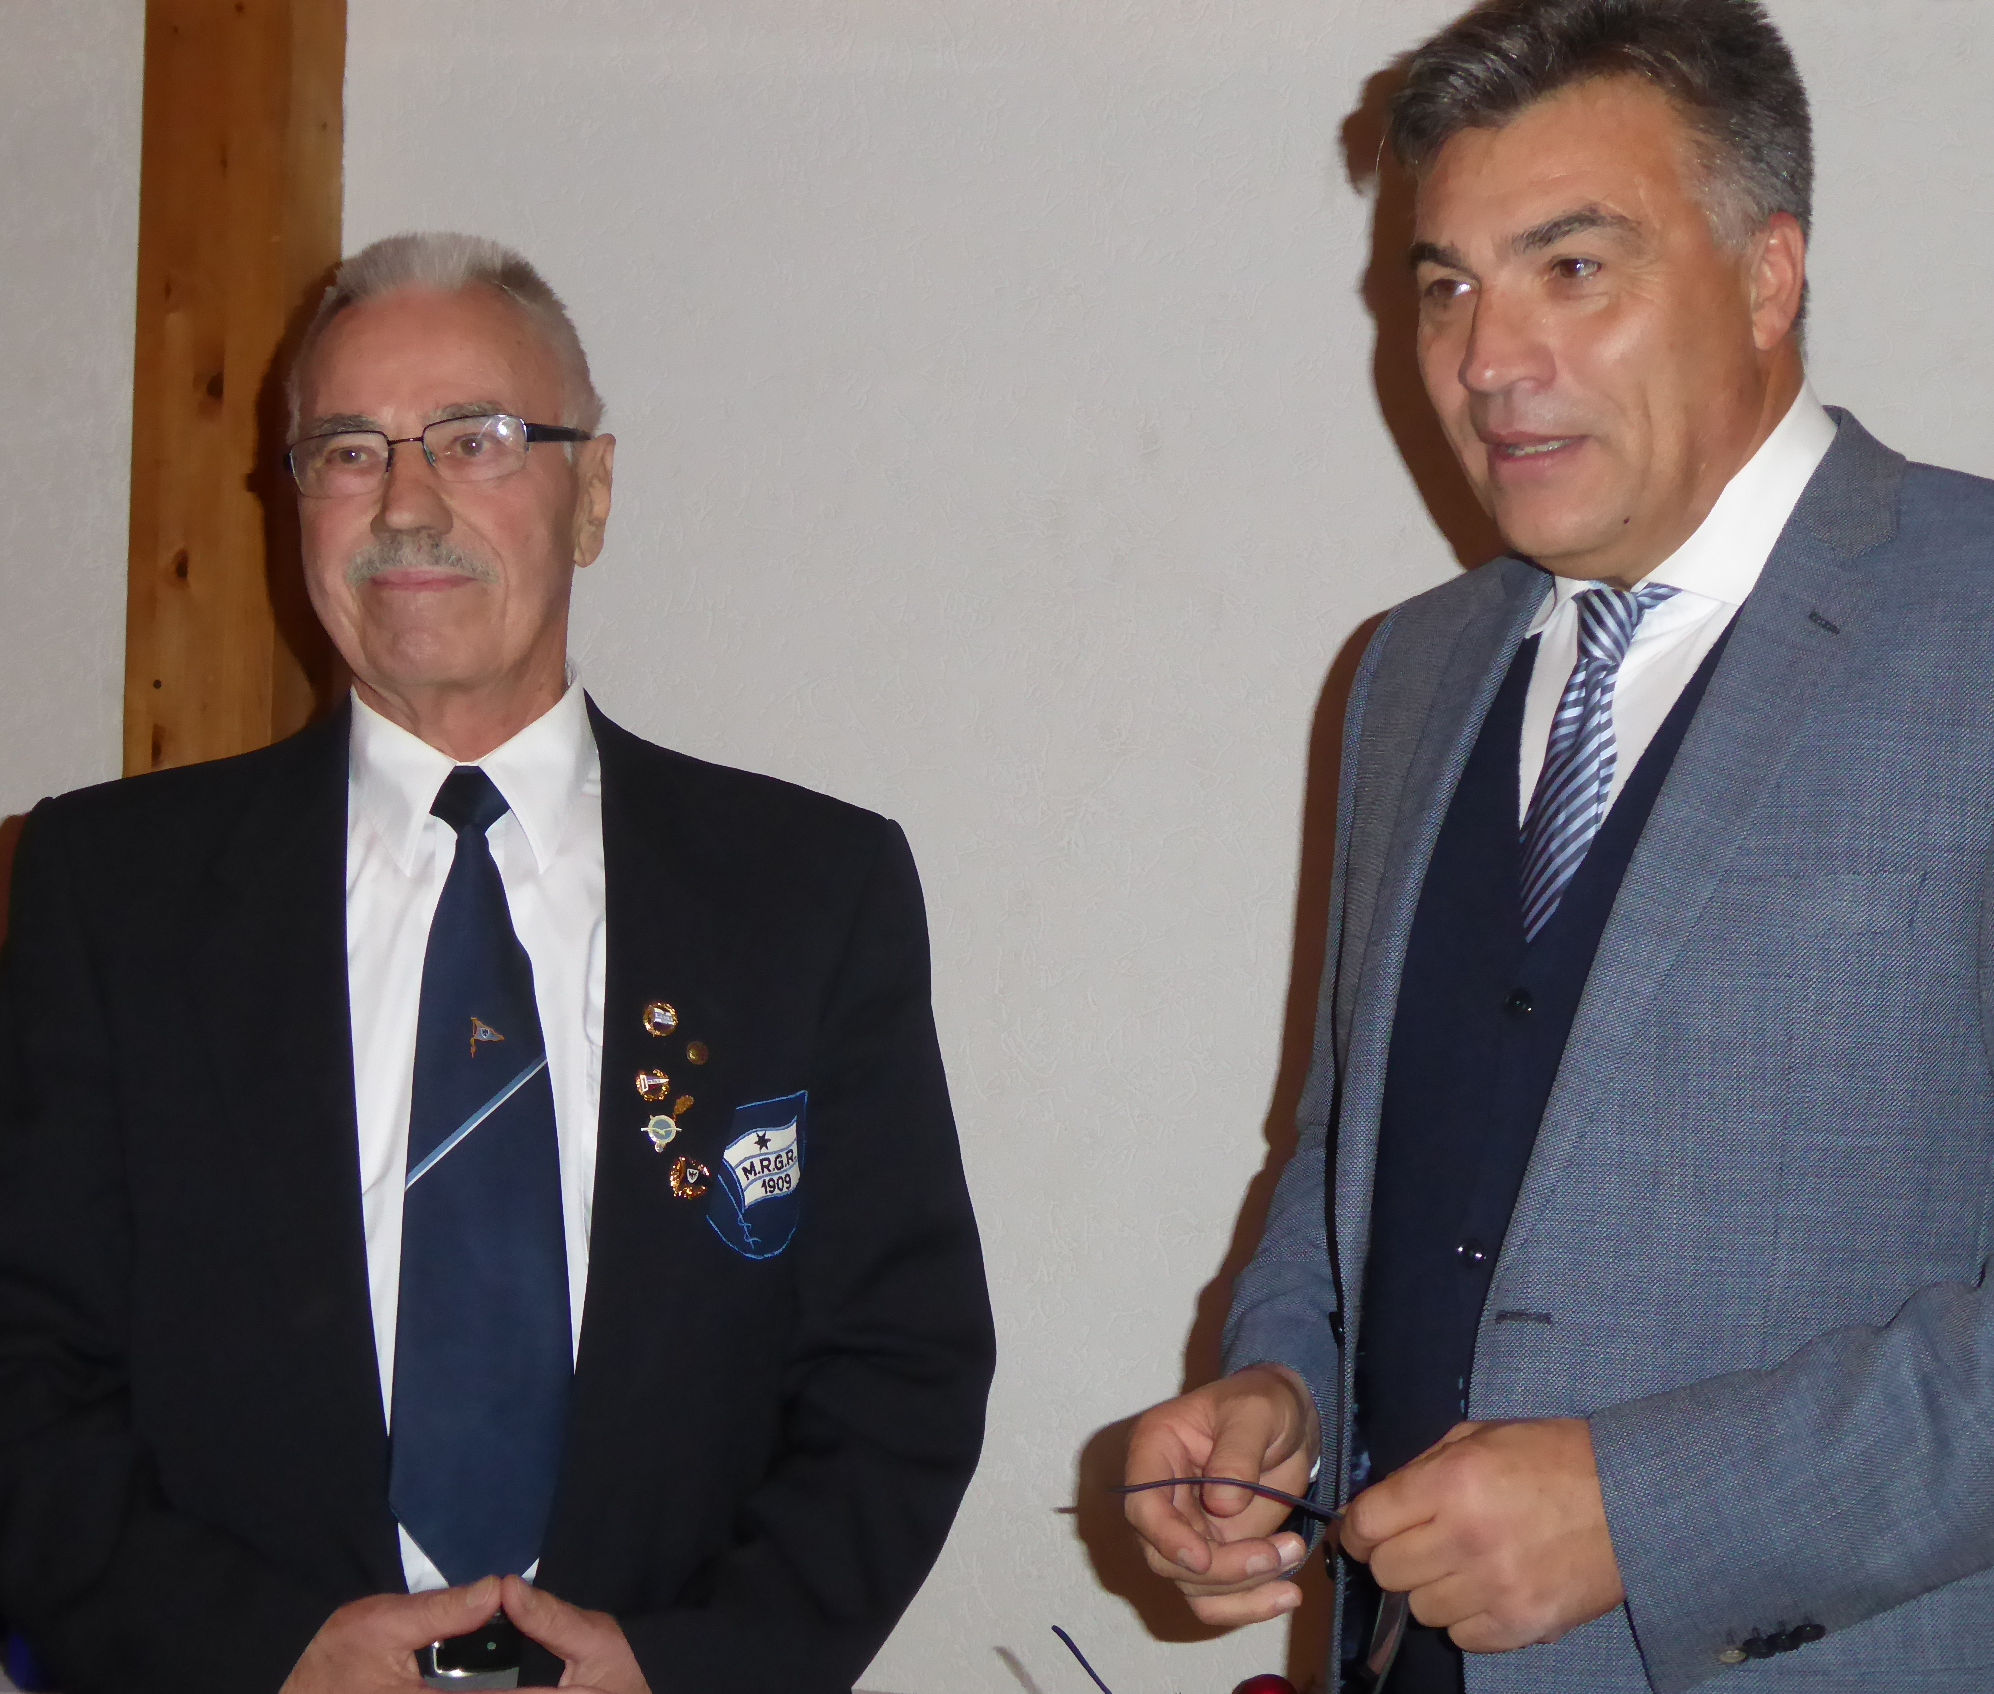 Peter Lenort - 50 Jahre Mitglied bei der MRGR und im DRV